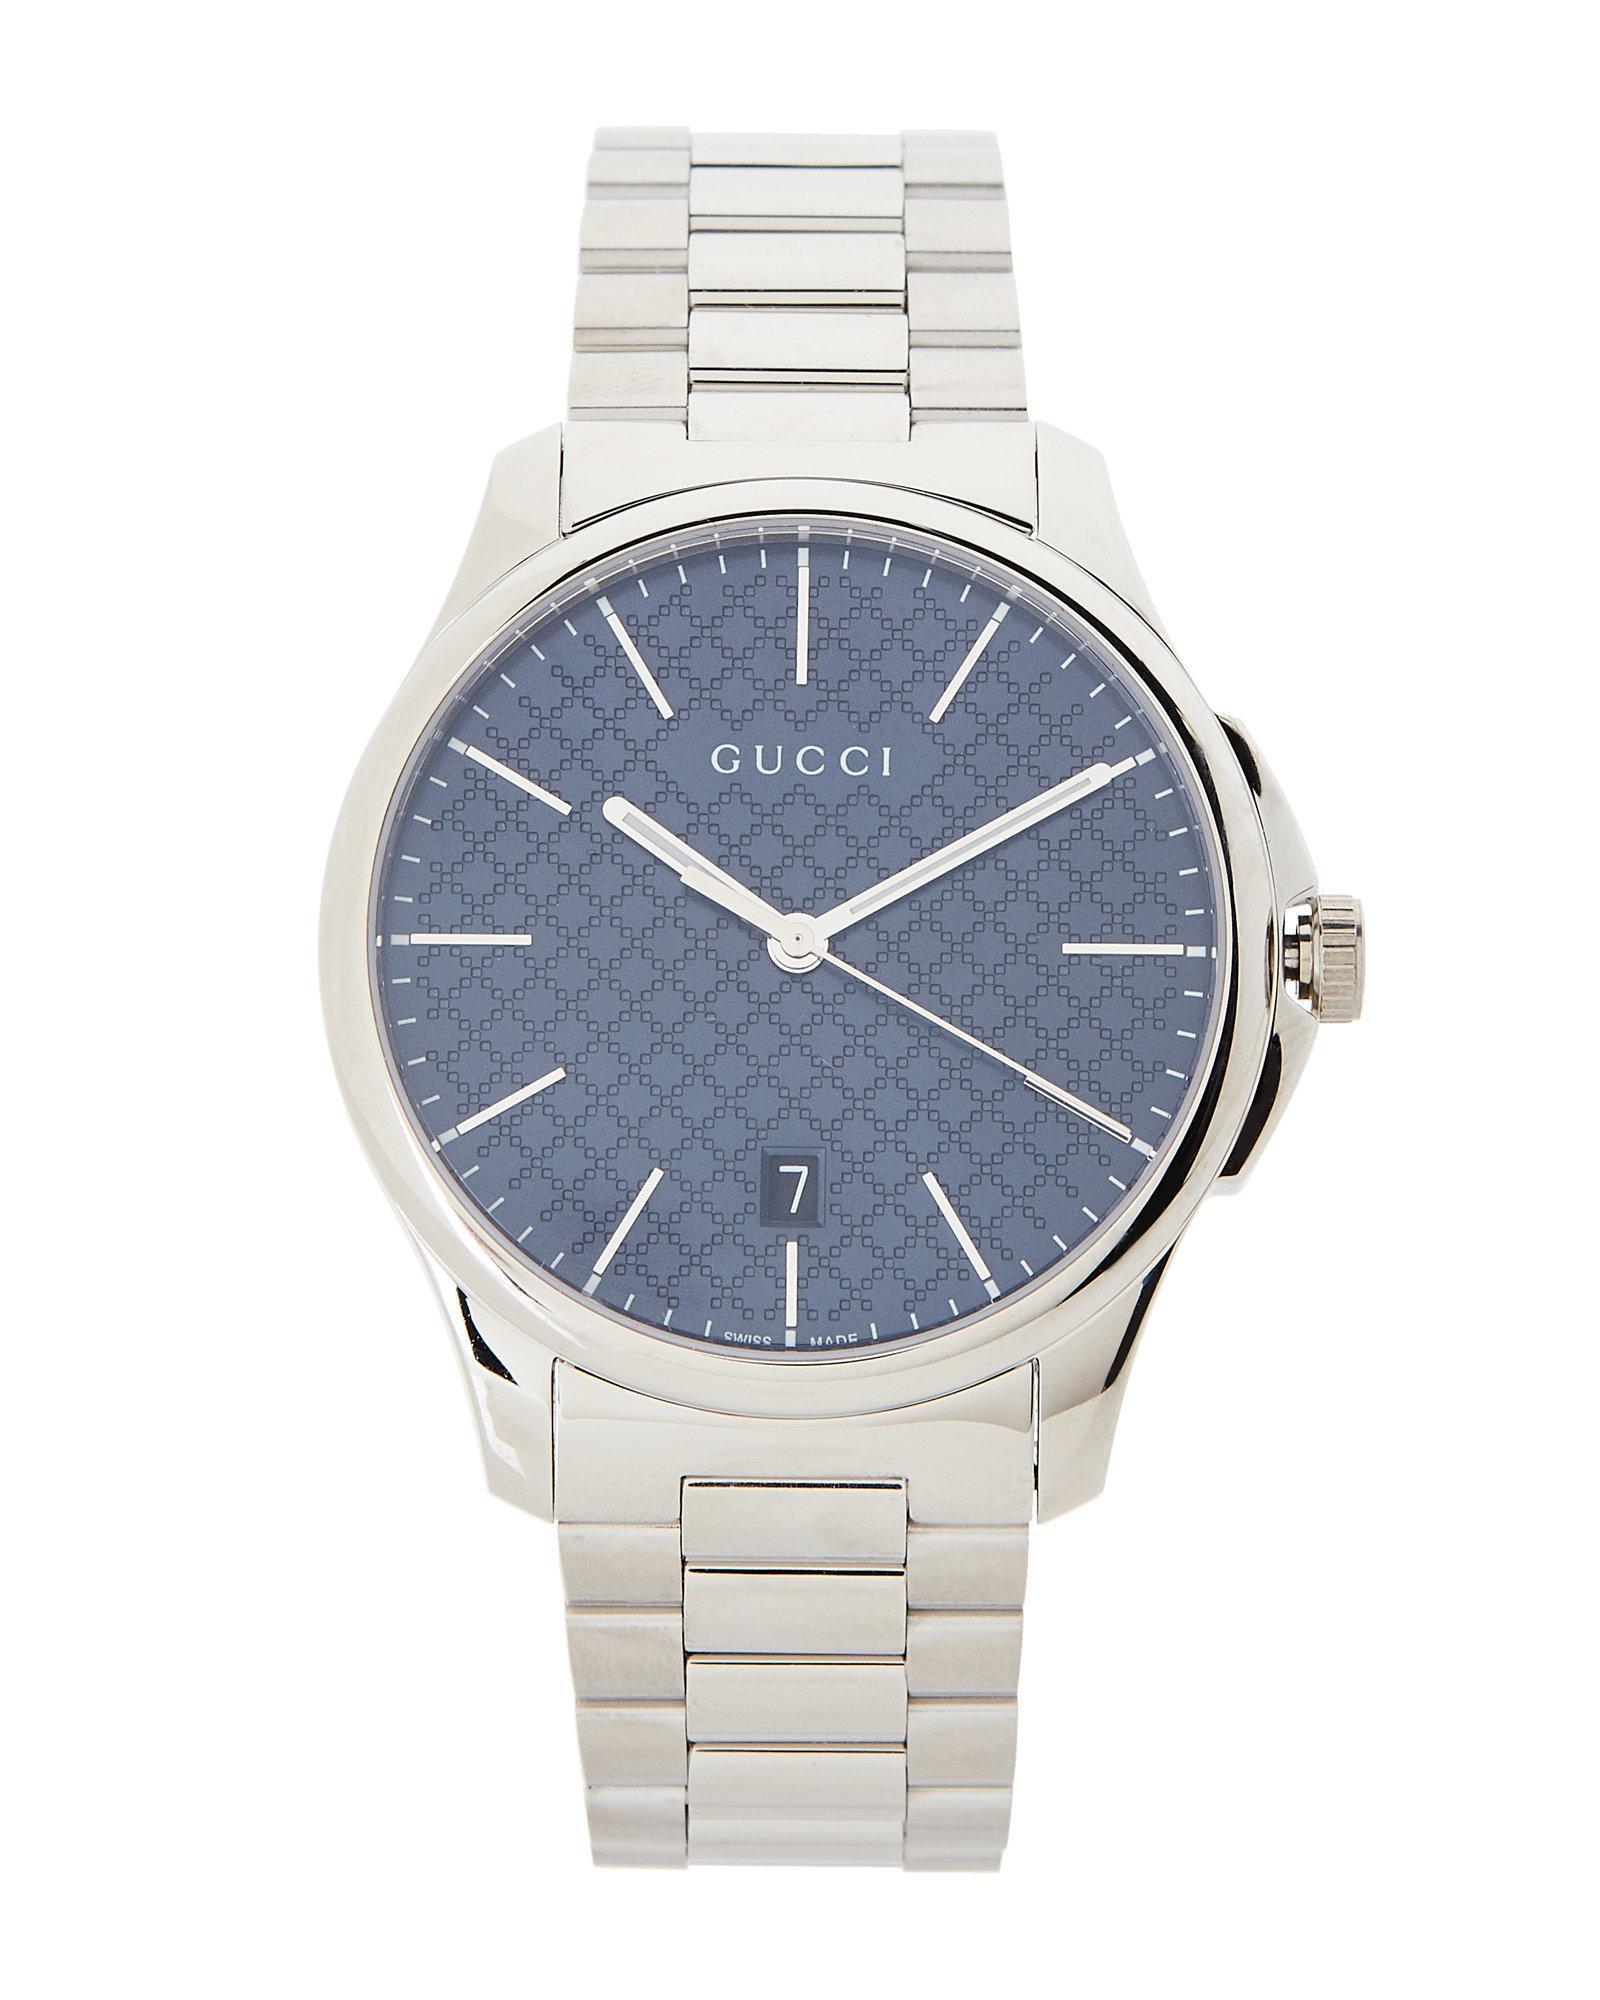 4c57c5590b1 Lyst - Gucci Ya126316 G-timeless Silver-tone   Blue Watch in ...